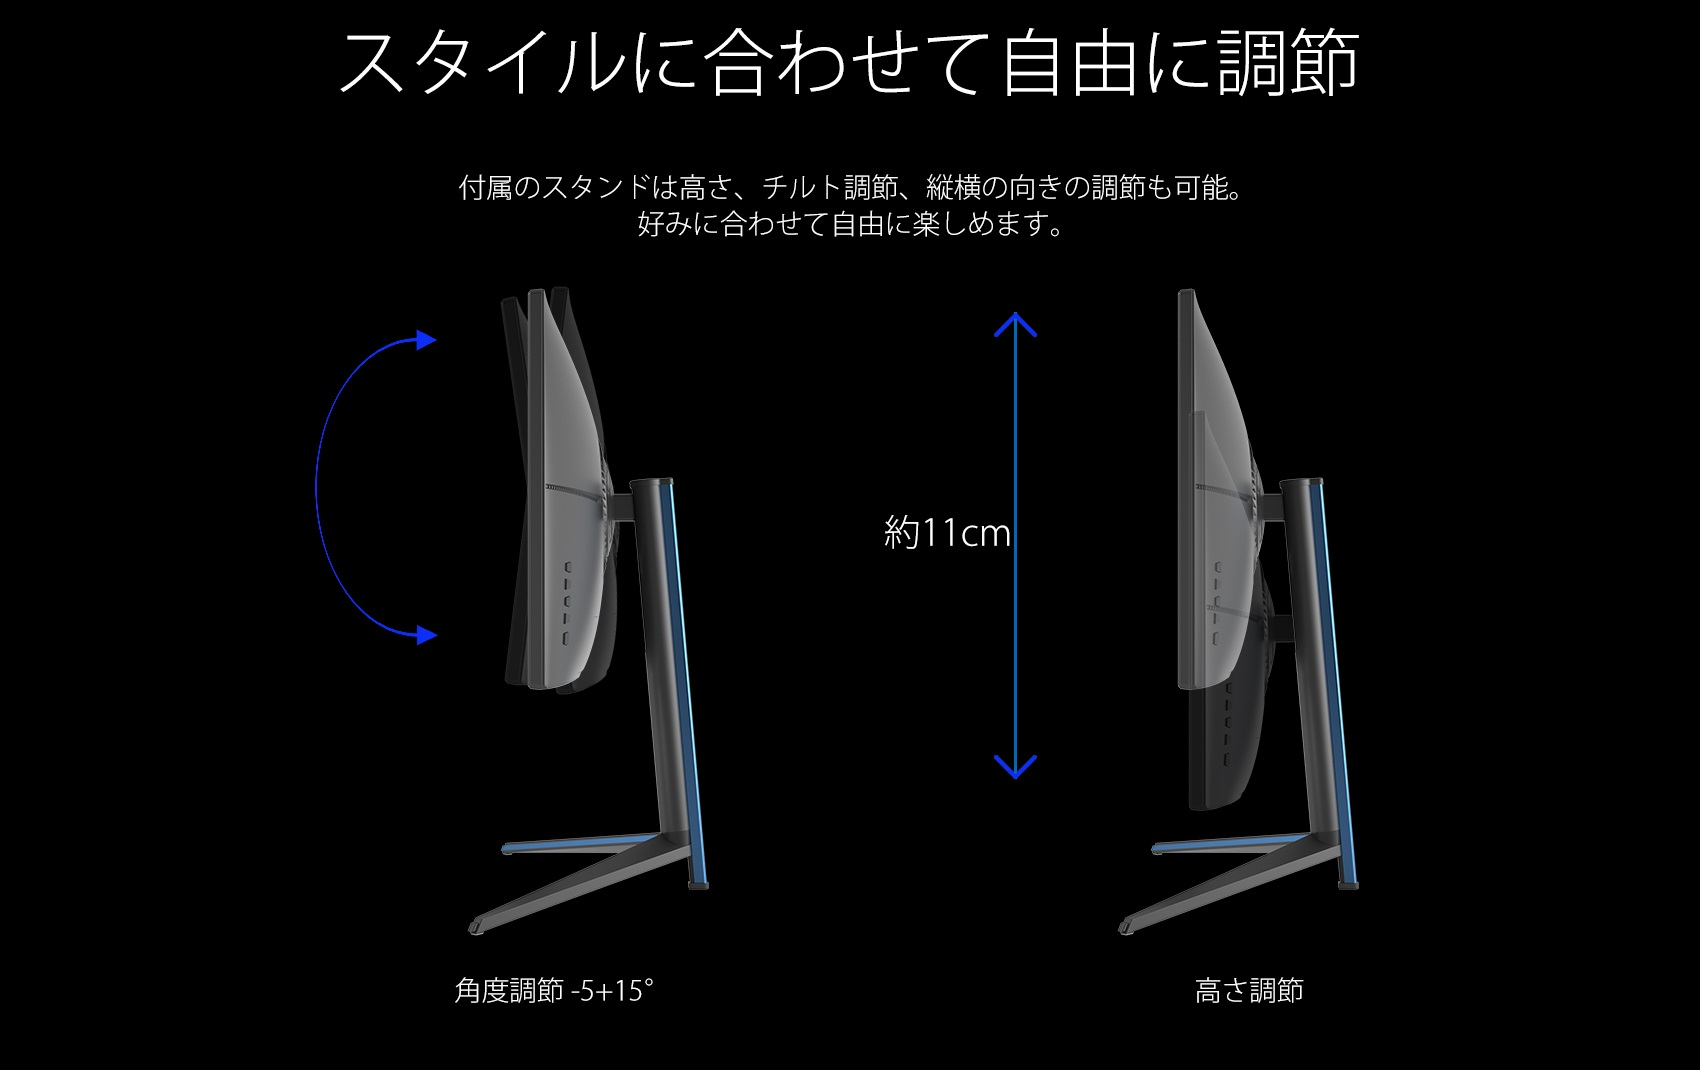 スタイルに合わせて自由に調節 付属のスタンドは高さ、チルト調節、縦横の向きの調節も可能。 好みに合わせて自由に楽しめます。 約11cm 角度調節 -5+15° 高さ調節